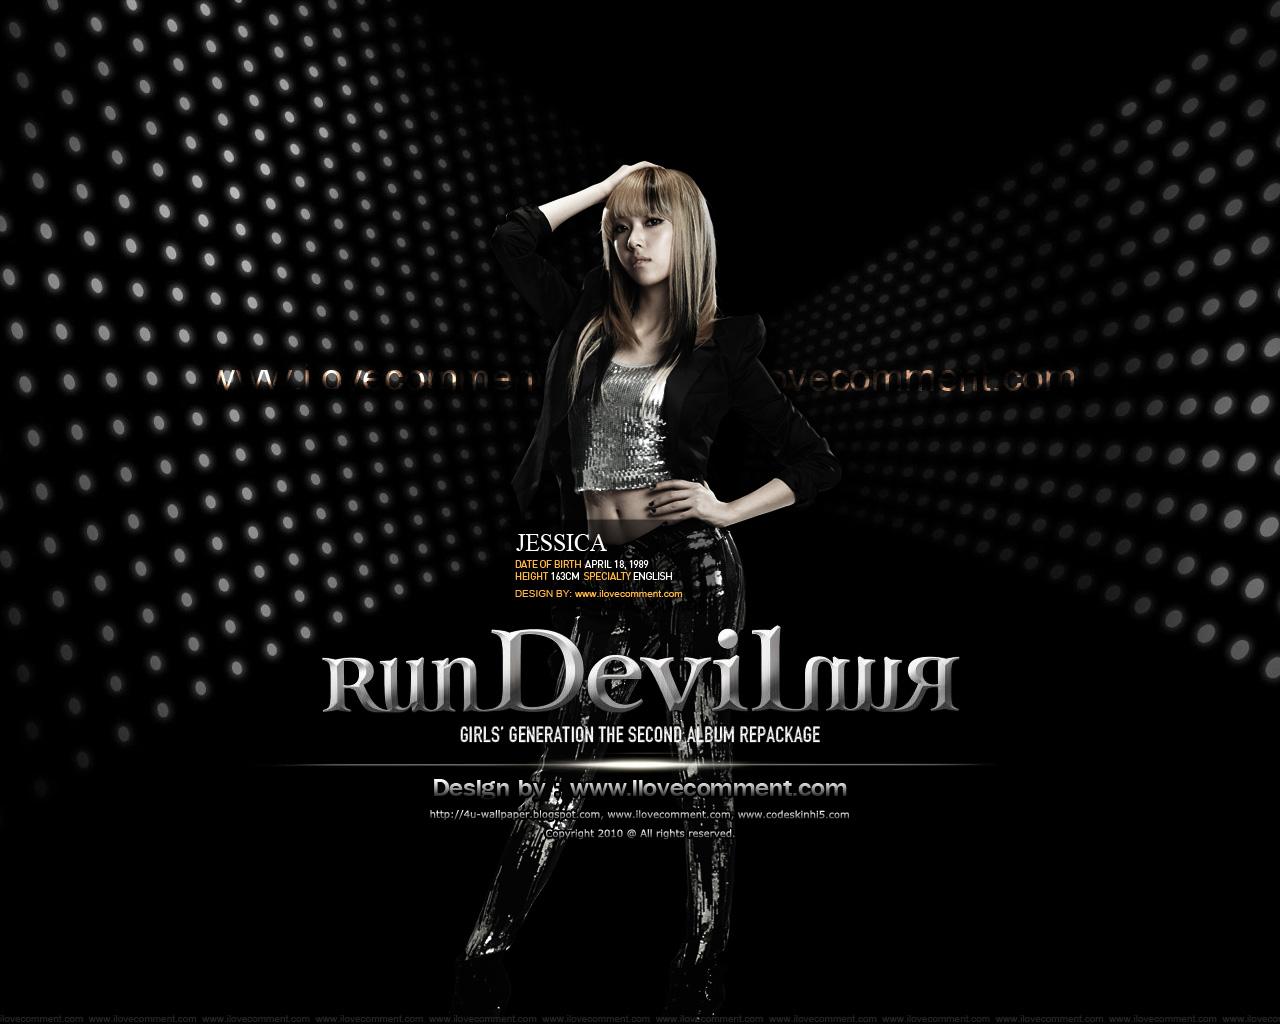 صور للعسولات SNSD في استايل اغنية Run Devil Run SNSD-RunDevilRun-Jessica-1280